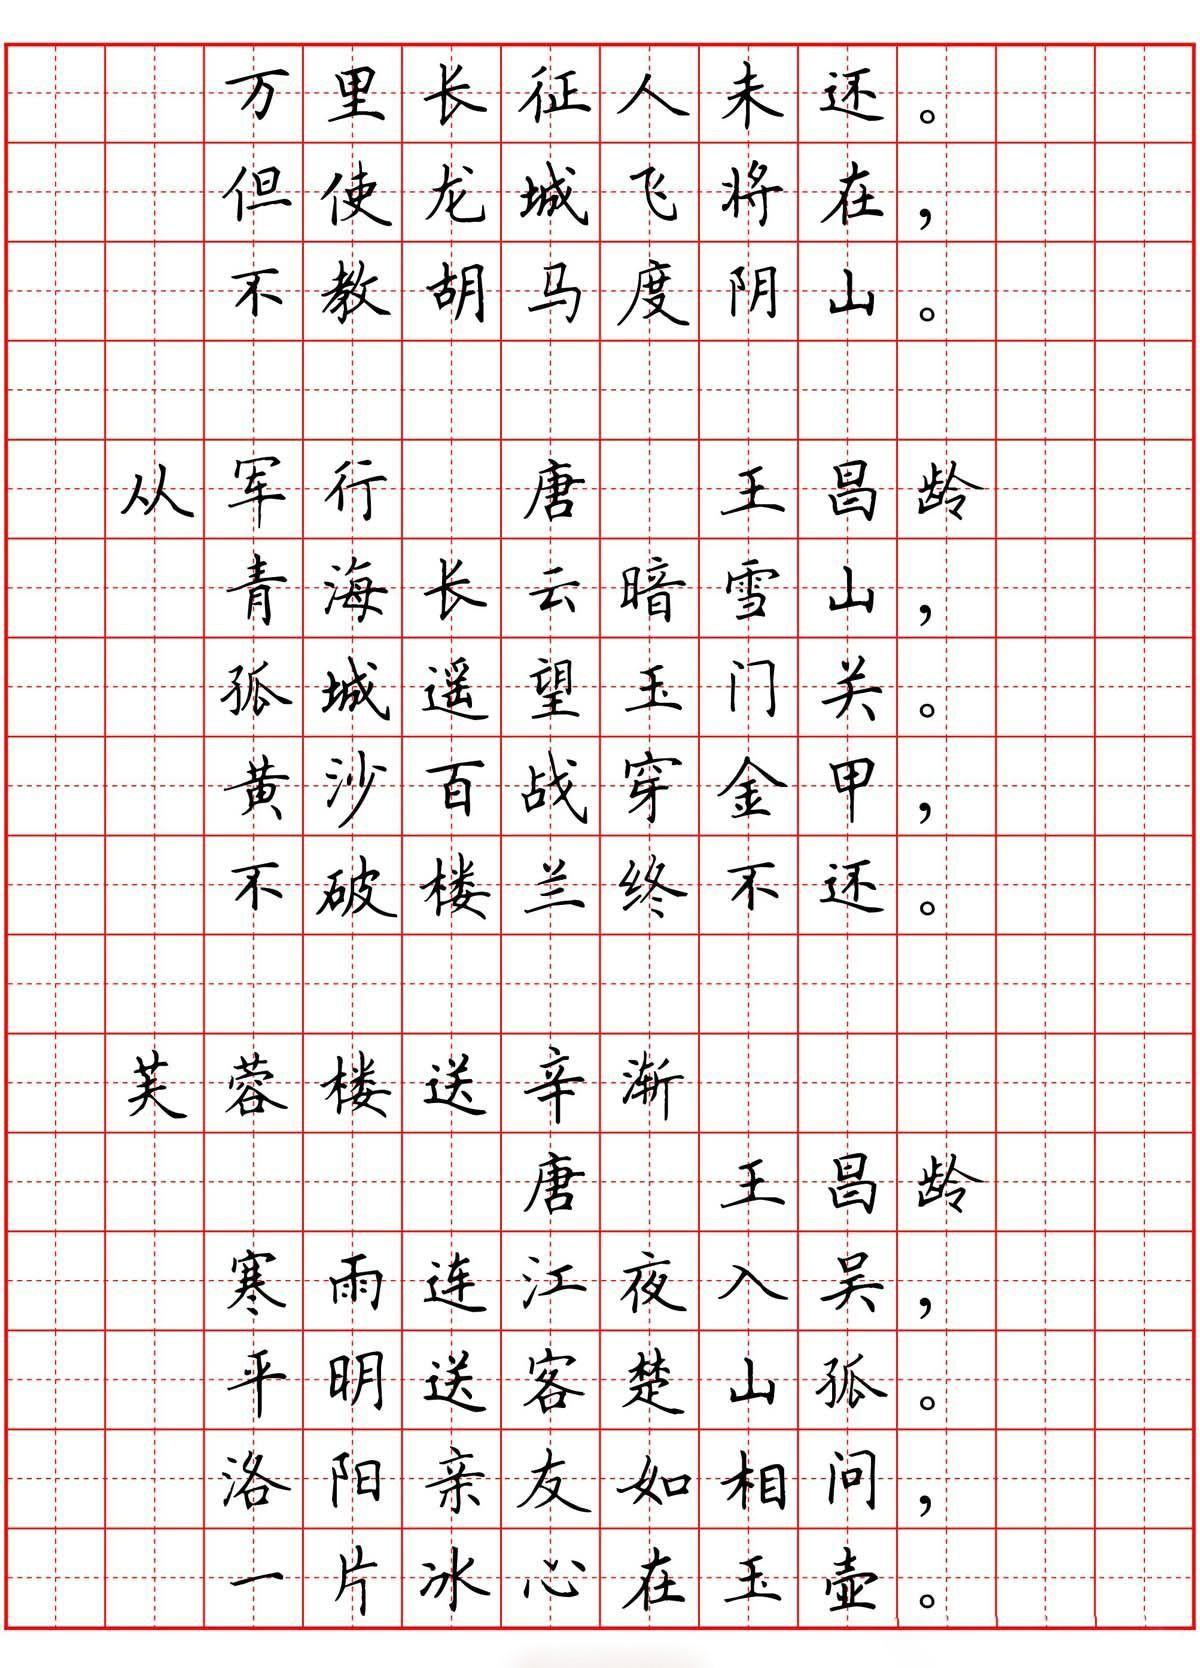 硬笔书法字帖 必背古诗词八十首 局部图片